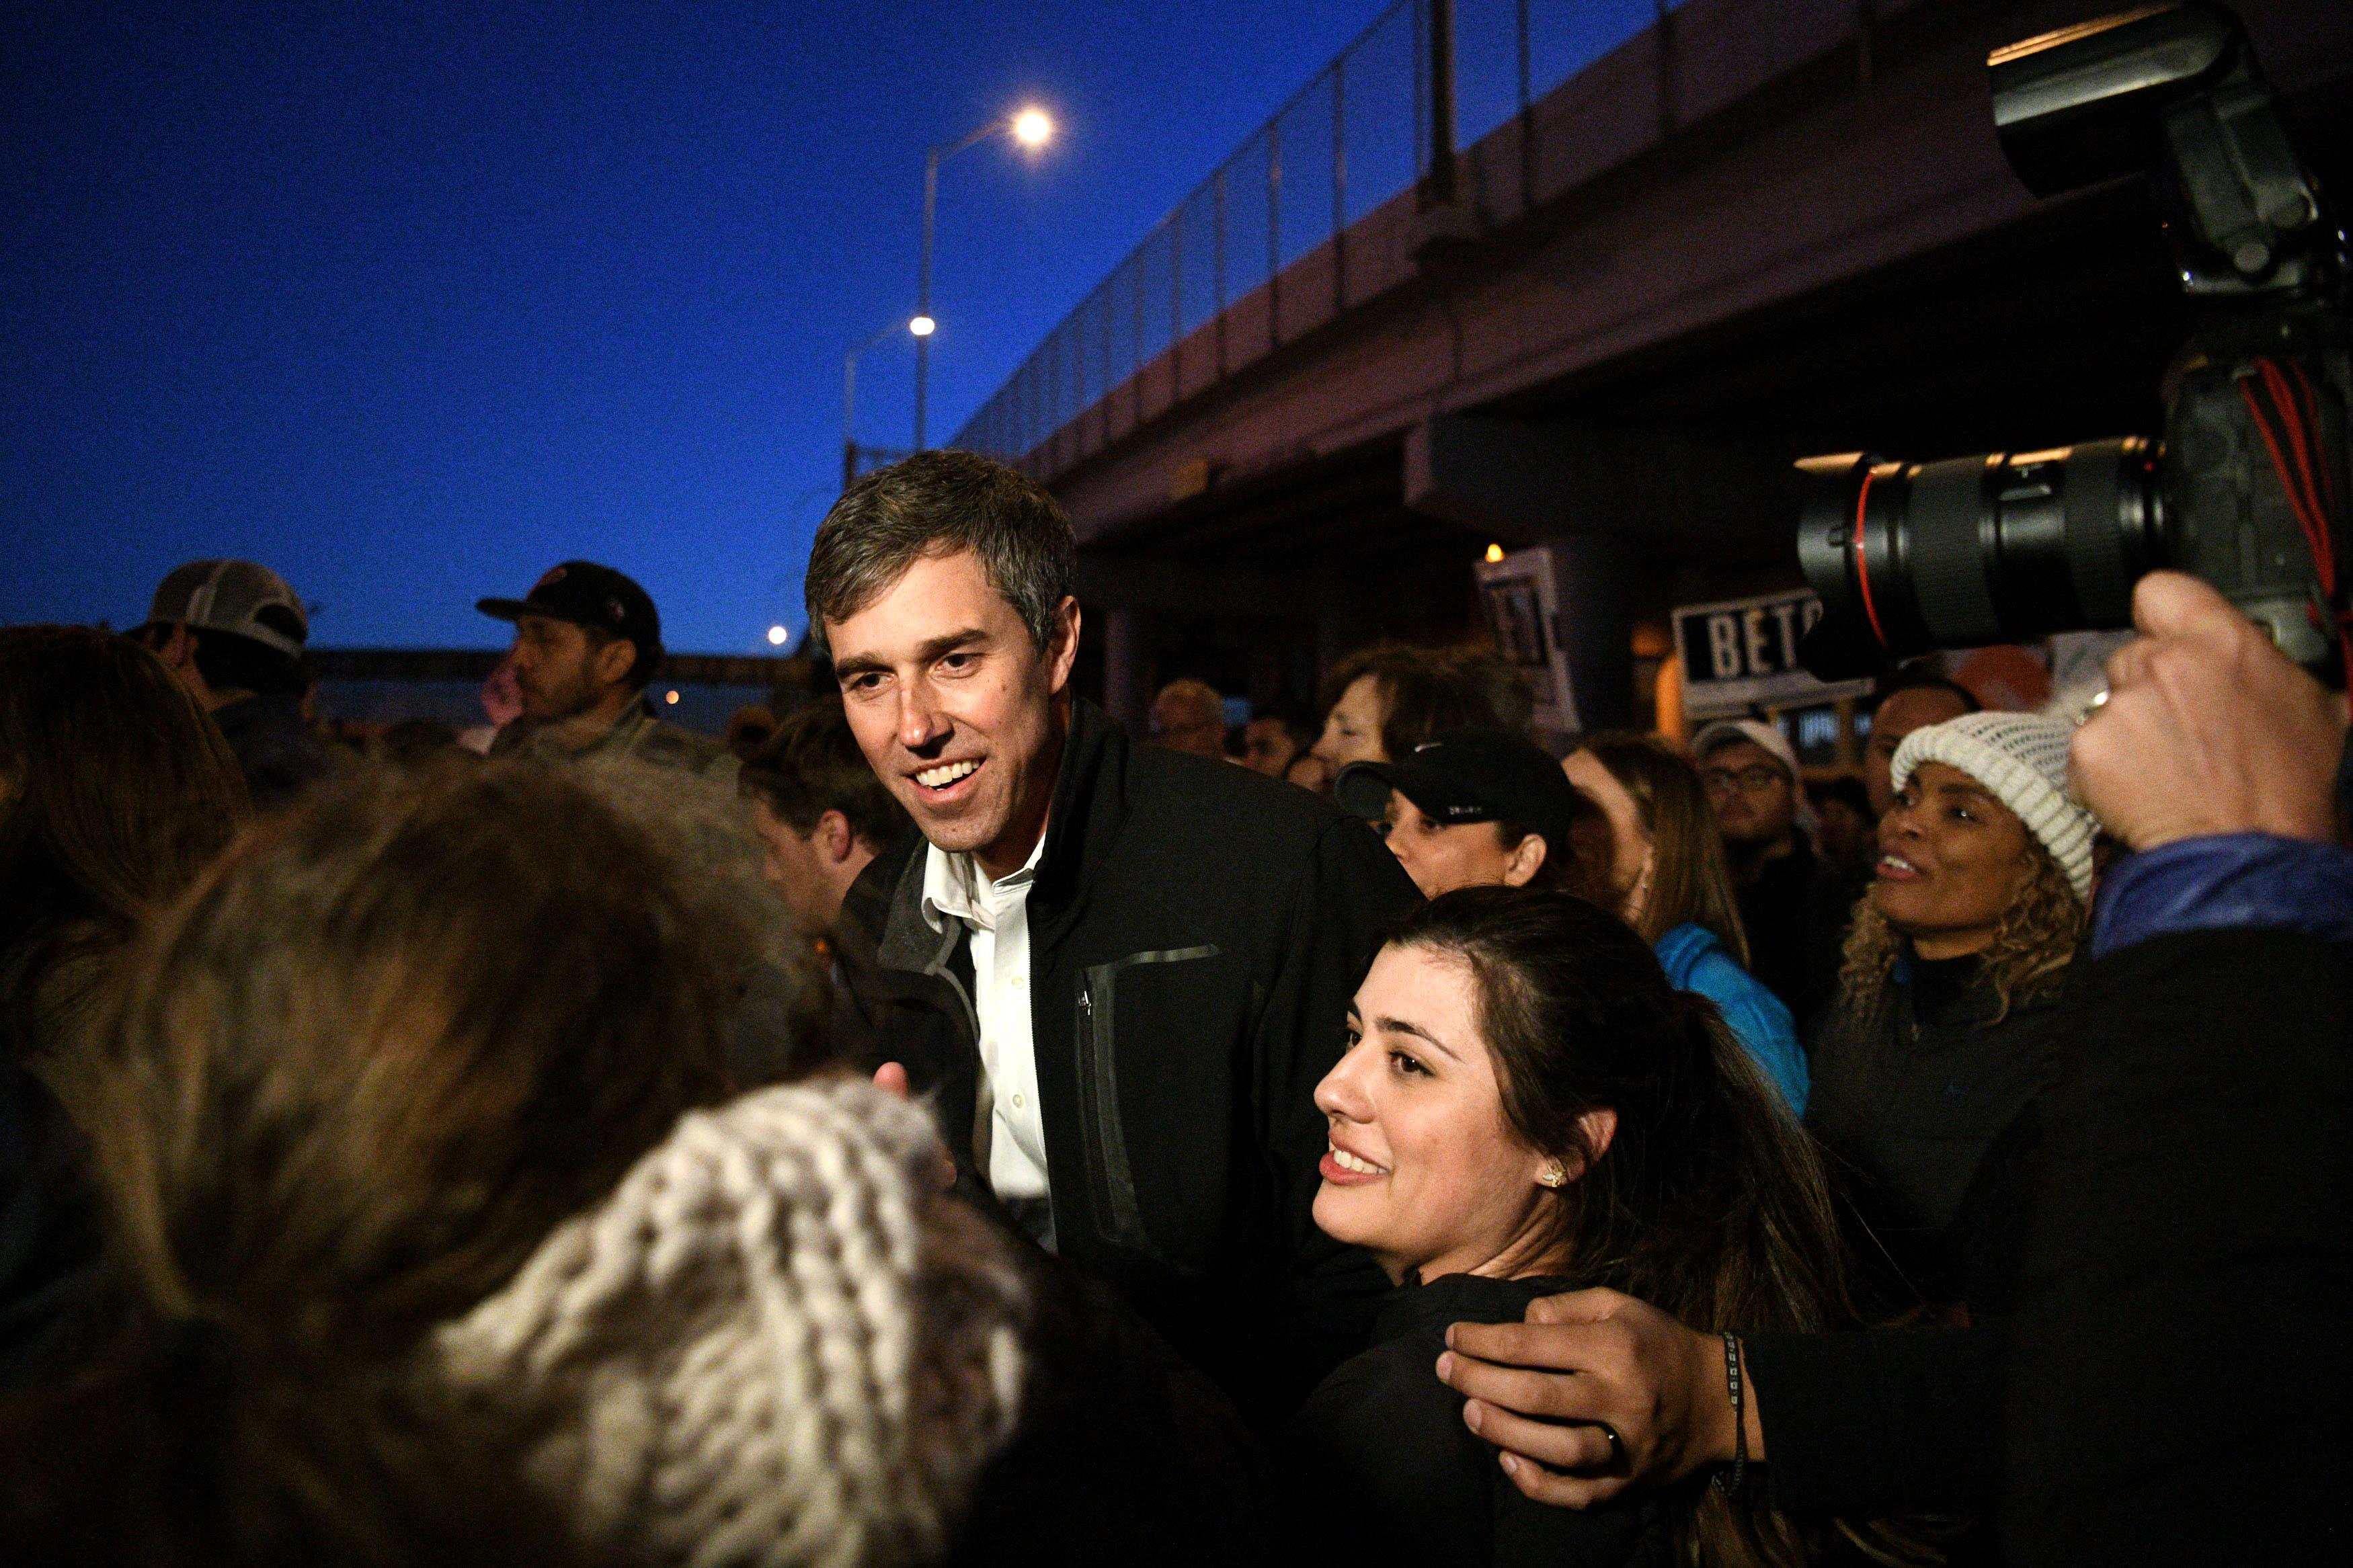 O'Rourke blasts Trump in rival border rally